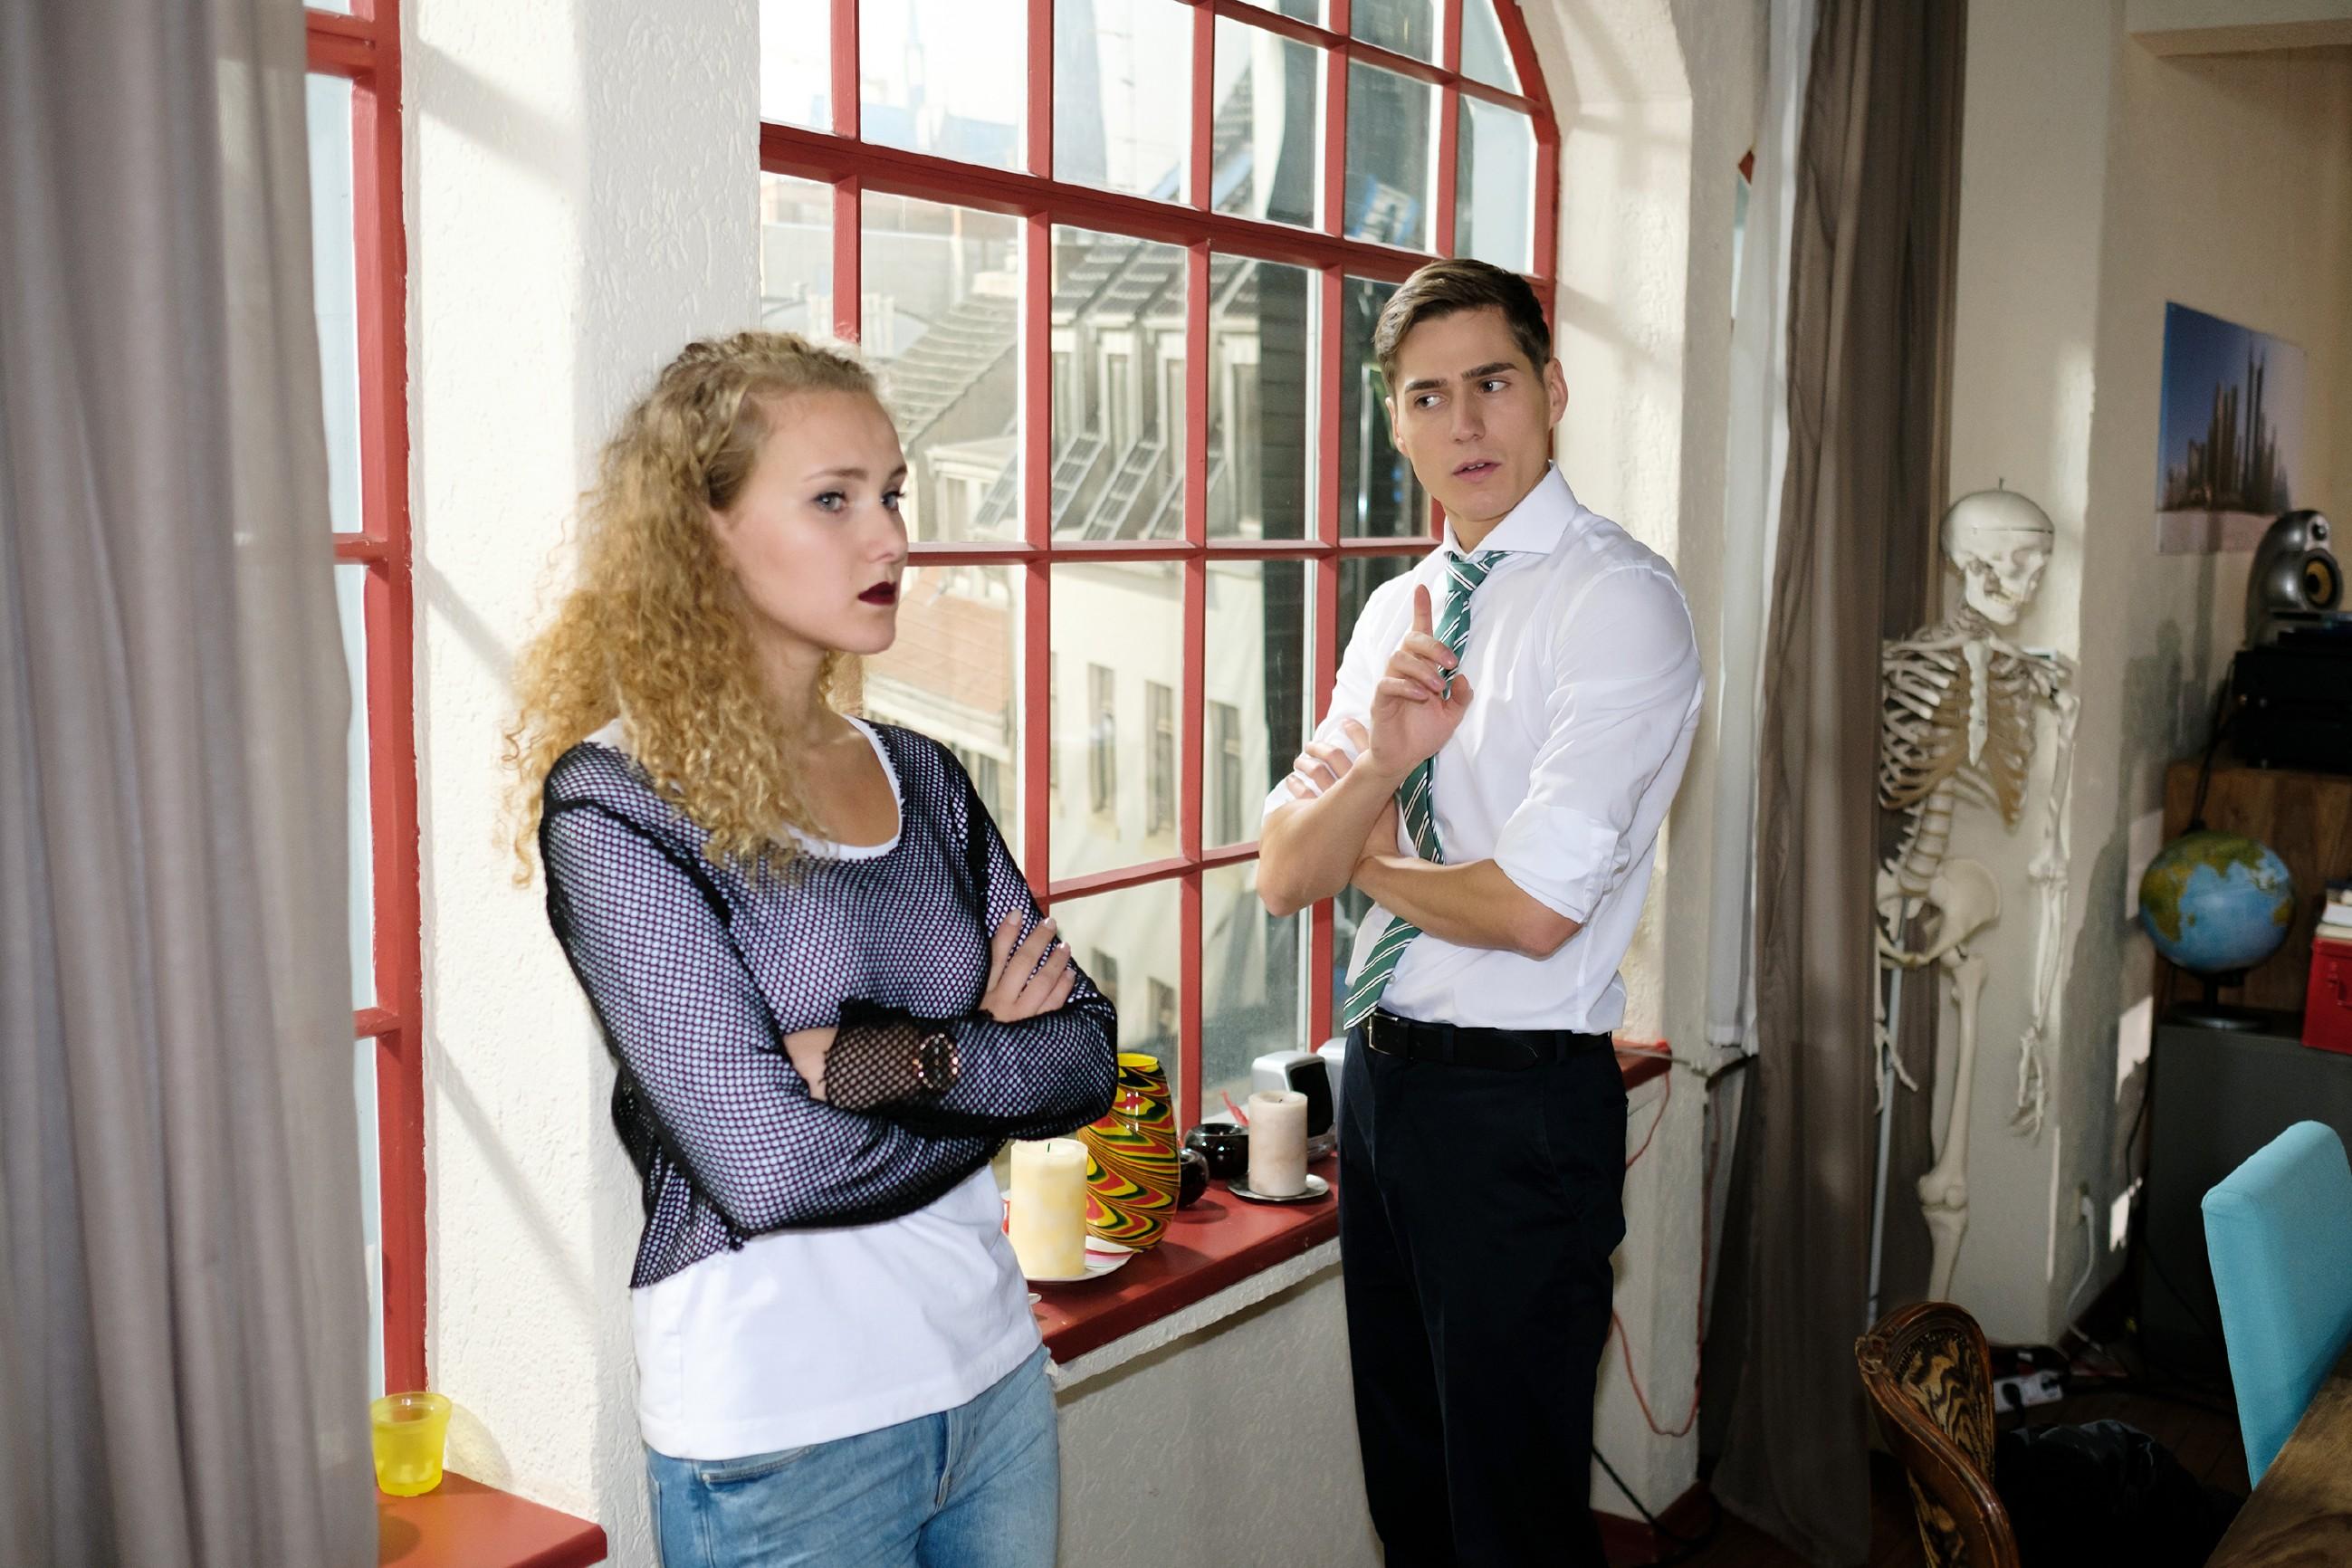 Ringo (Timothy Boldt) fasst im Beisein von KayC (Pauline Angert) einen Plan, wie er seinen Hals doch noch aus der Schlinge ziehen kann. (Quelle: RTL / Stefan Behrens)